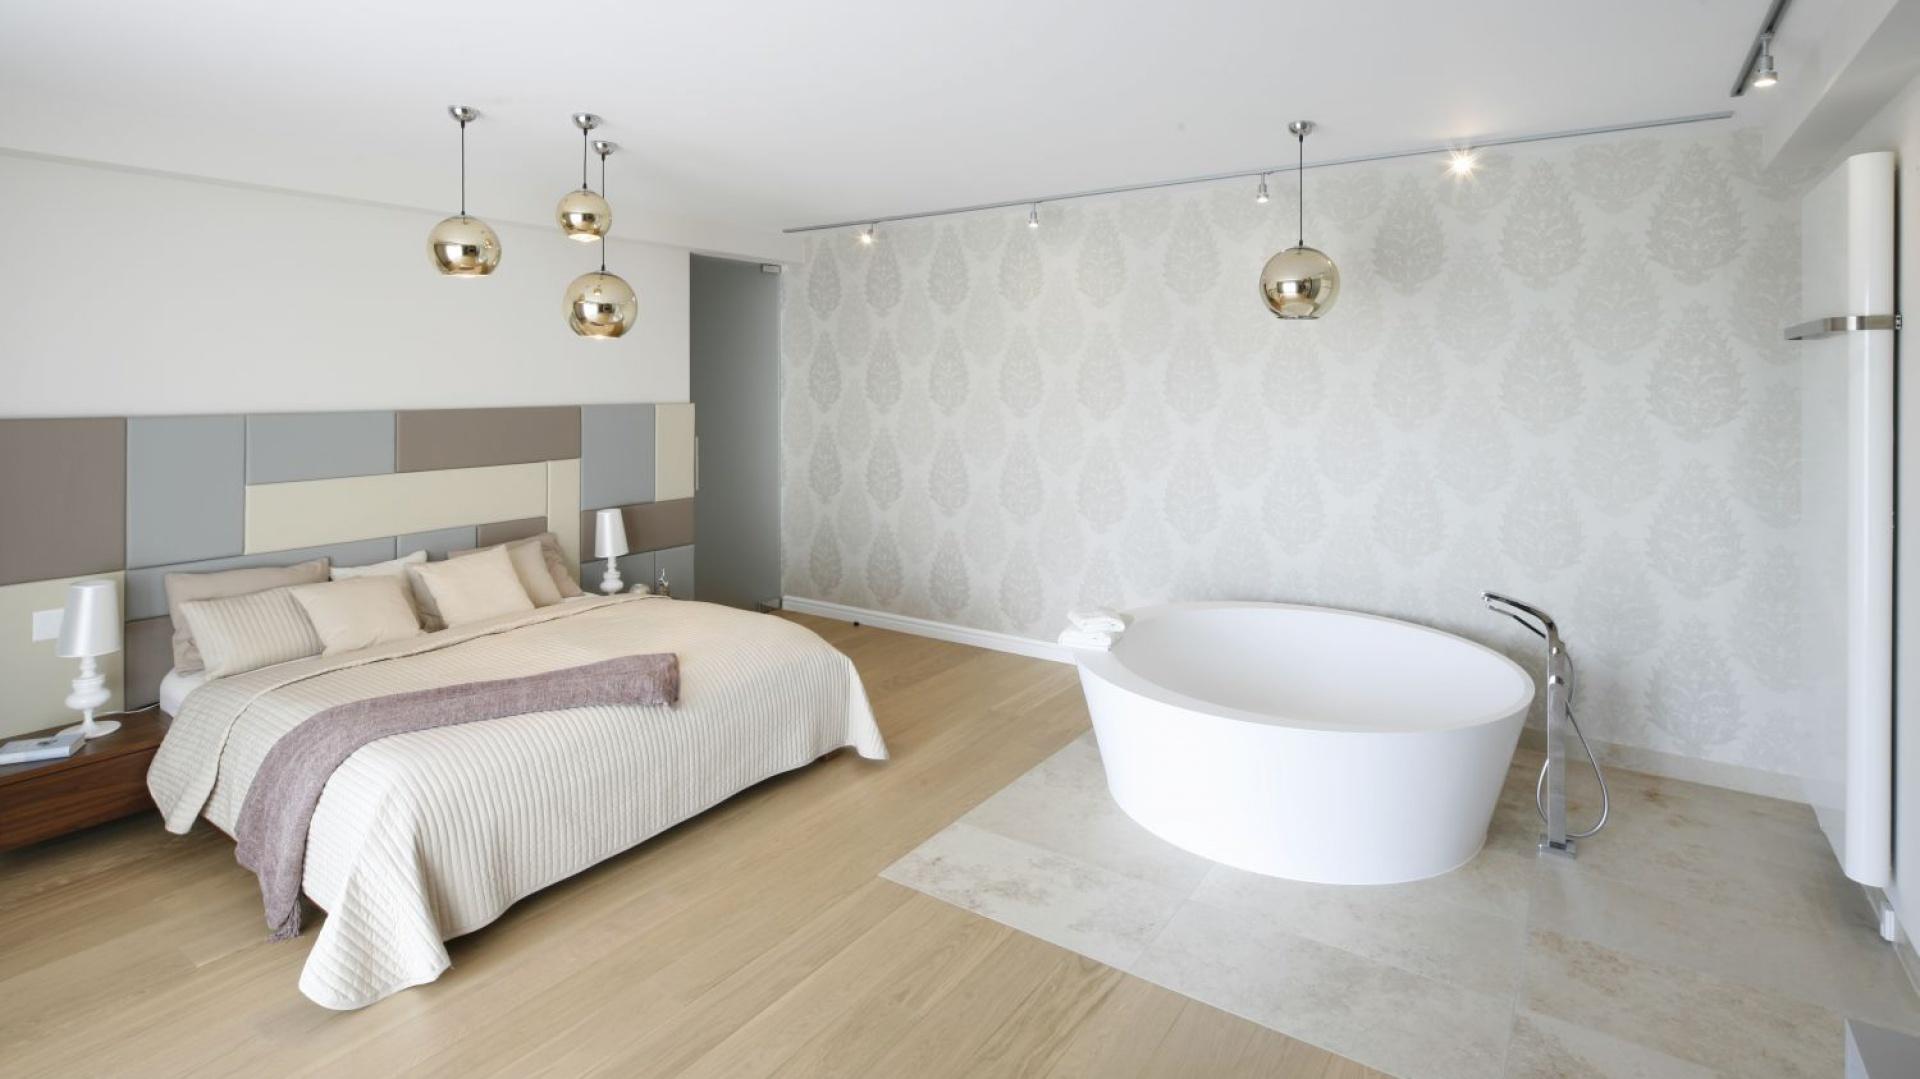 Sypialnię i strefę kąpieli urządzono na jednej przestrzeni. Podłogę, gdzie stoi wanna wolno stojąca wykończono inną okładziną. Projekt: Katarzyna Mikulska-Sękalska. Fot. Bartosz Jarosz